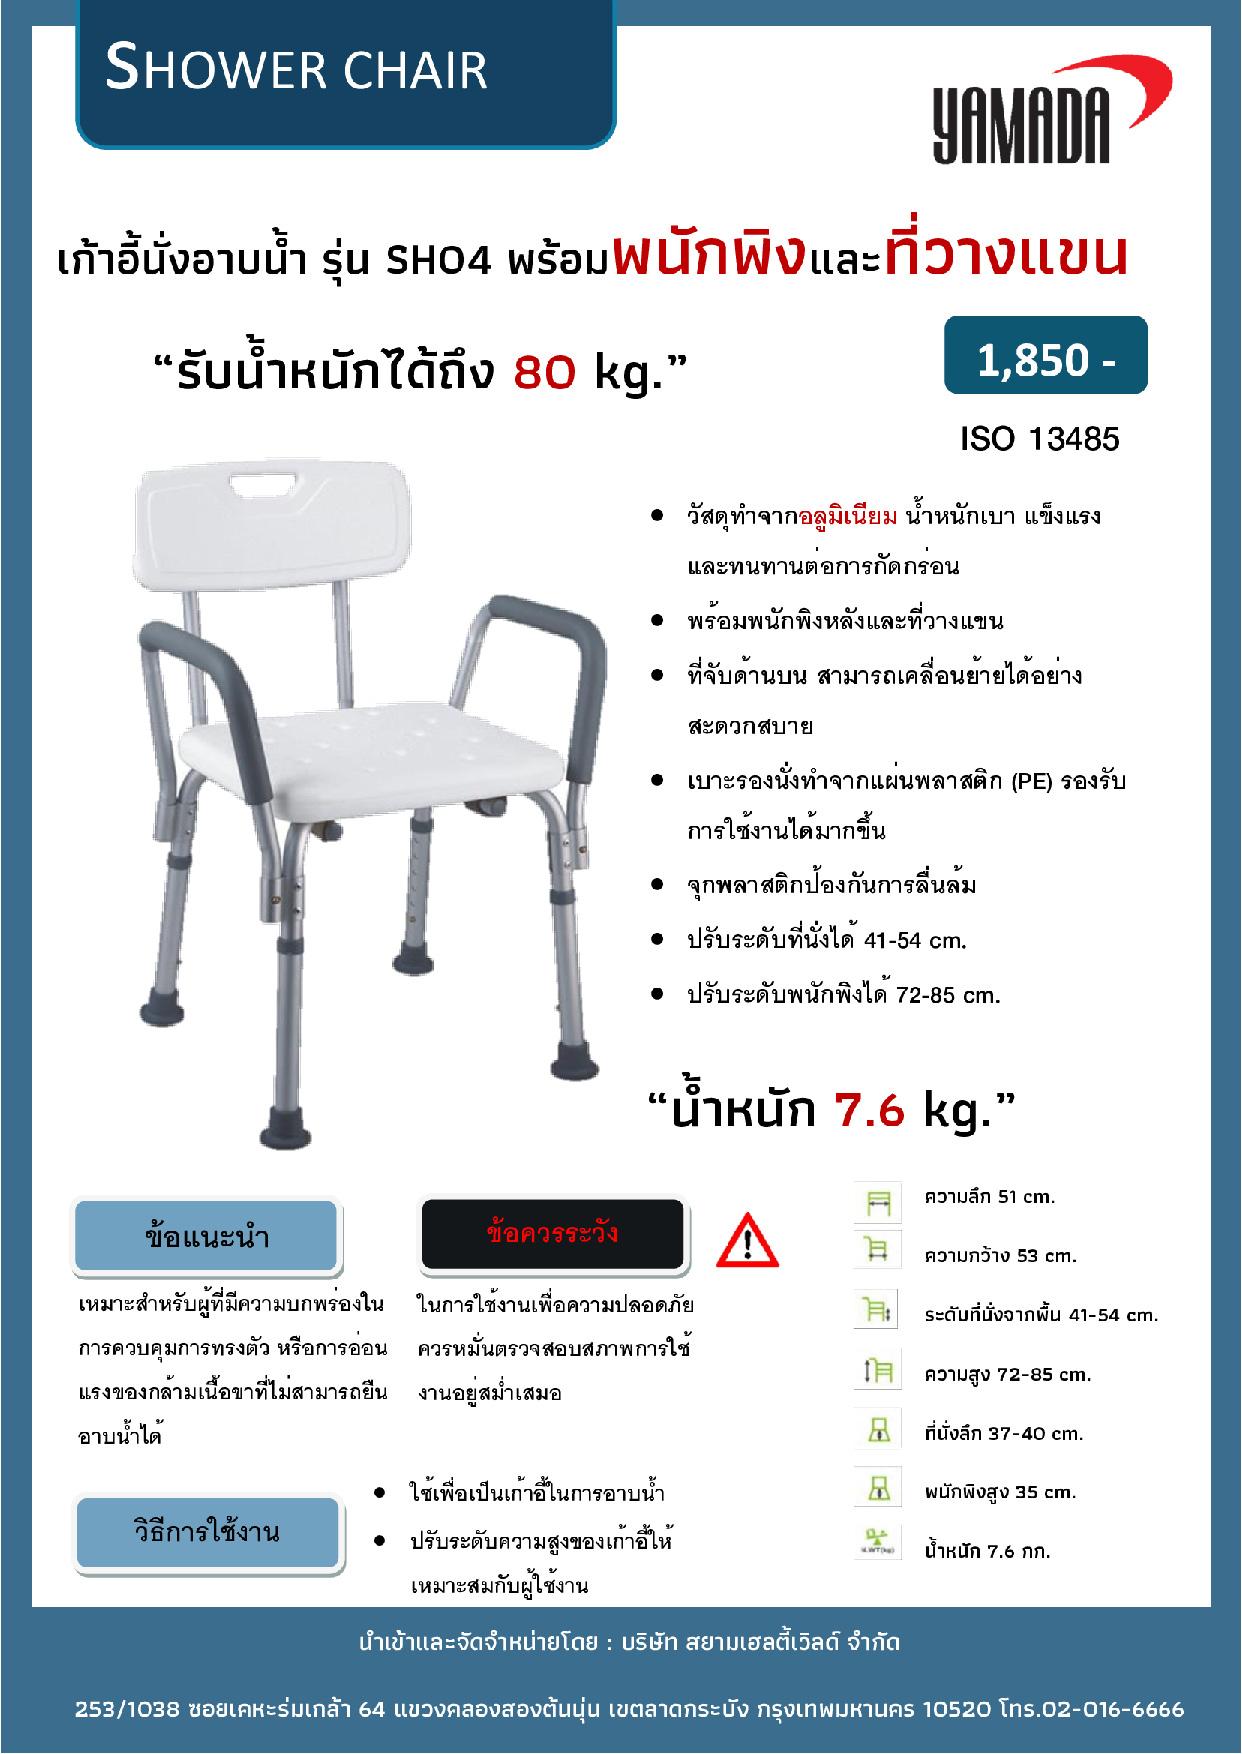 (74/91) เก้าอี้นั่งอาบน้ำ รุ่น SH04